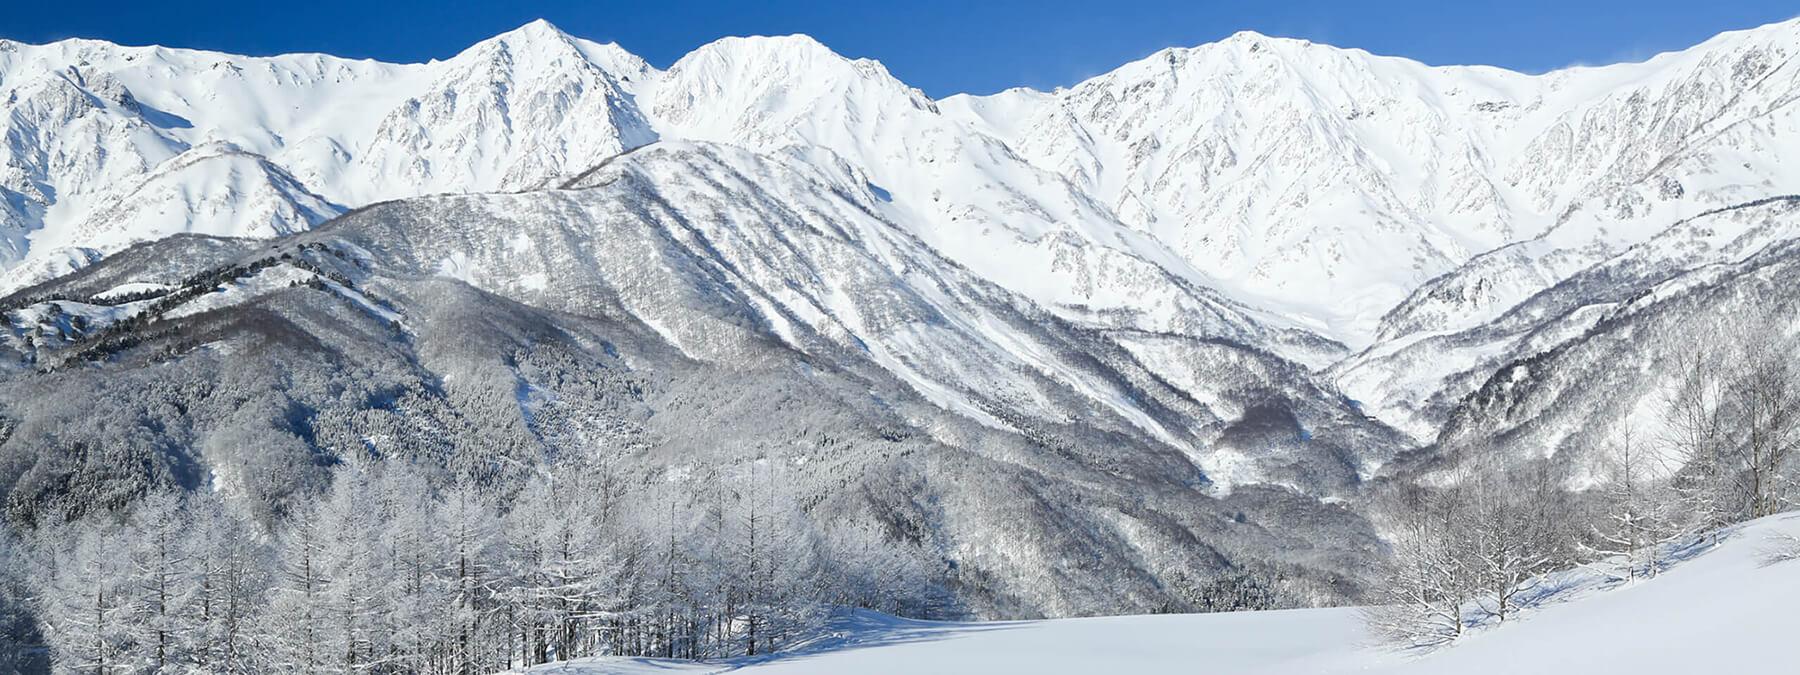 白馬岩岳マウンテンリゾート ウィンターシーズン